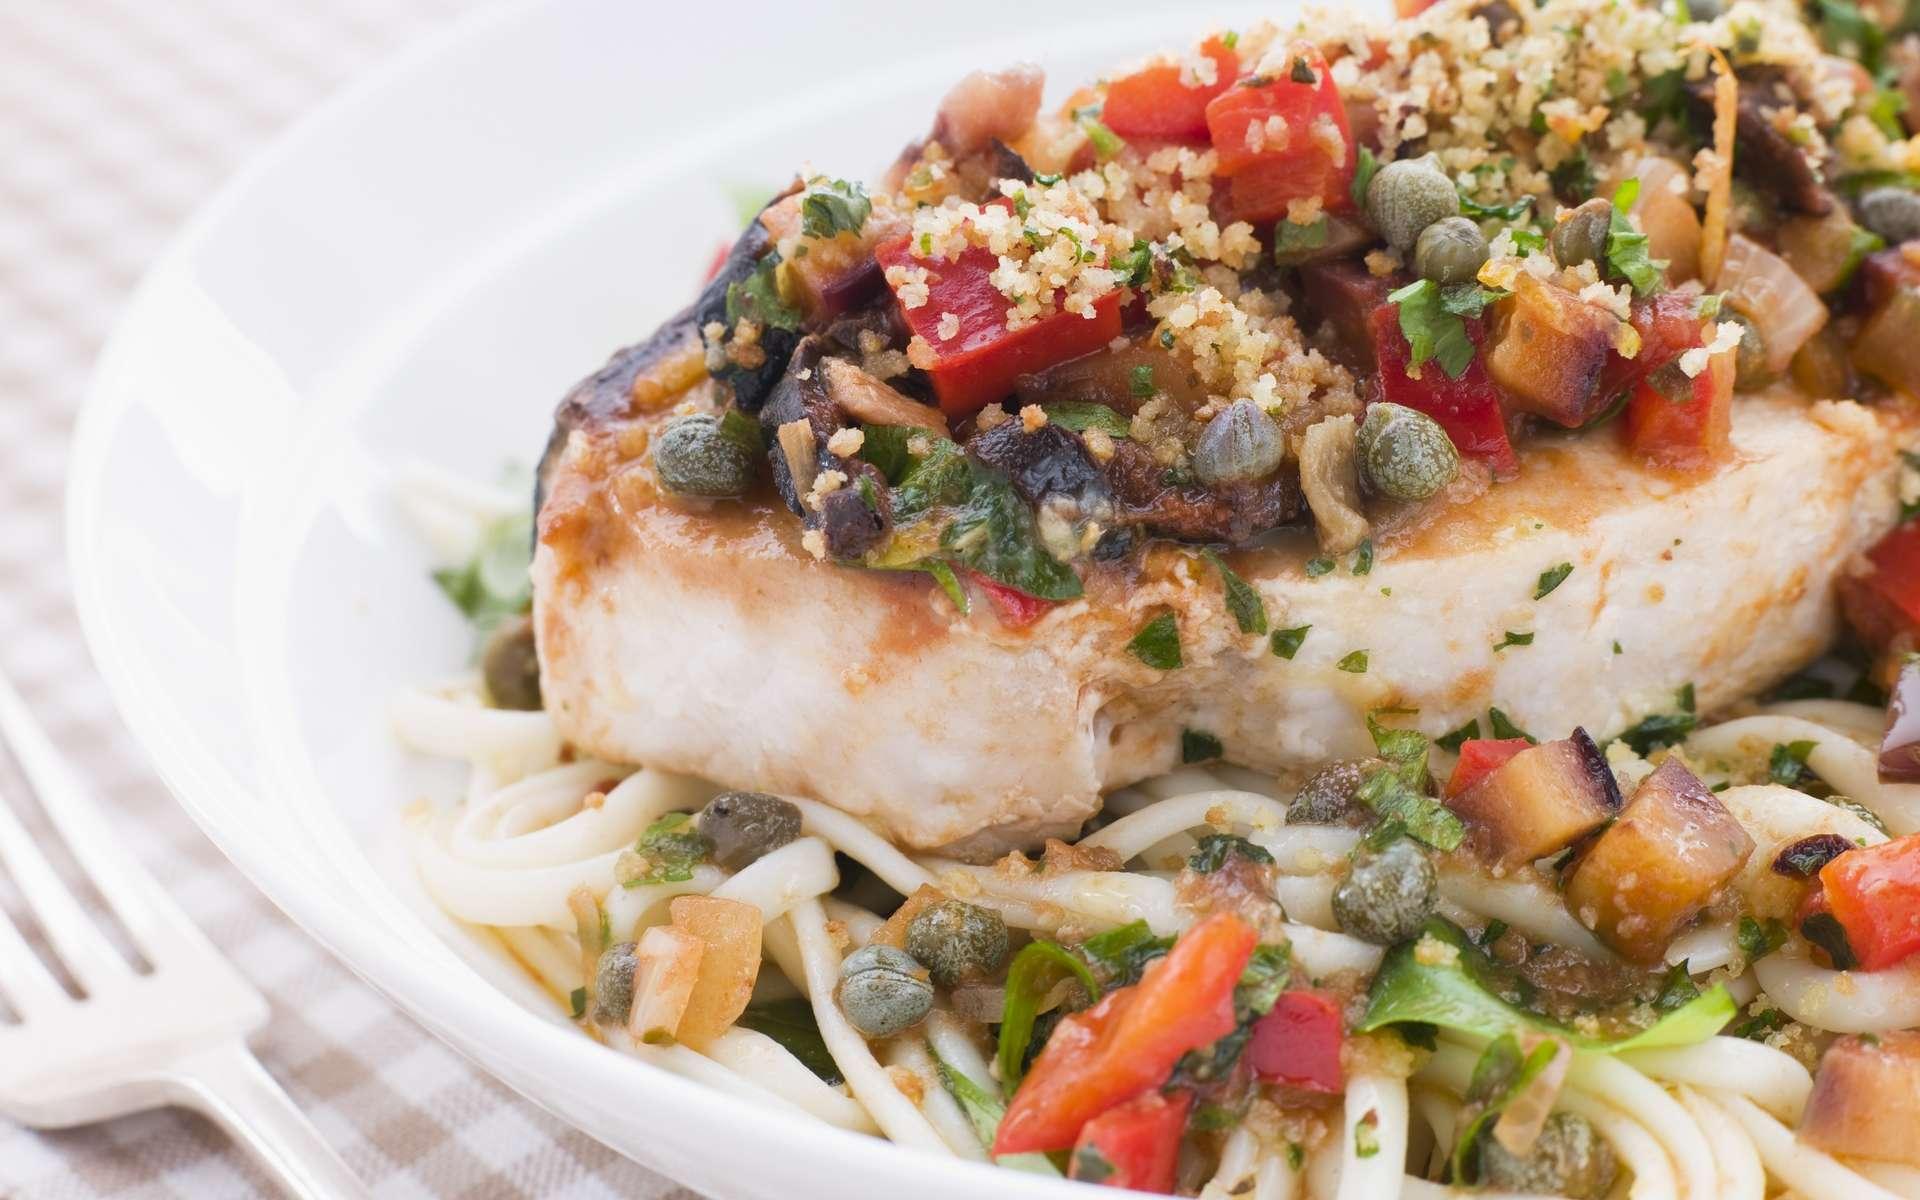 Contrairement à ce que l'on peut penser, sauter un repas n'est pas bon pour perdre du poids. © Phovoir